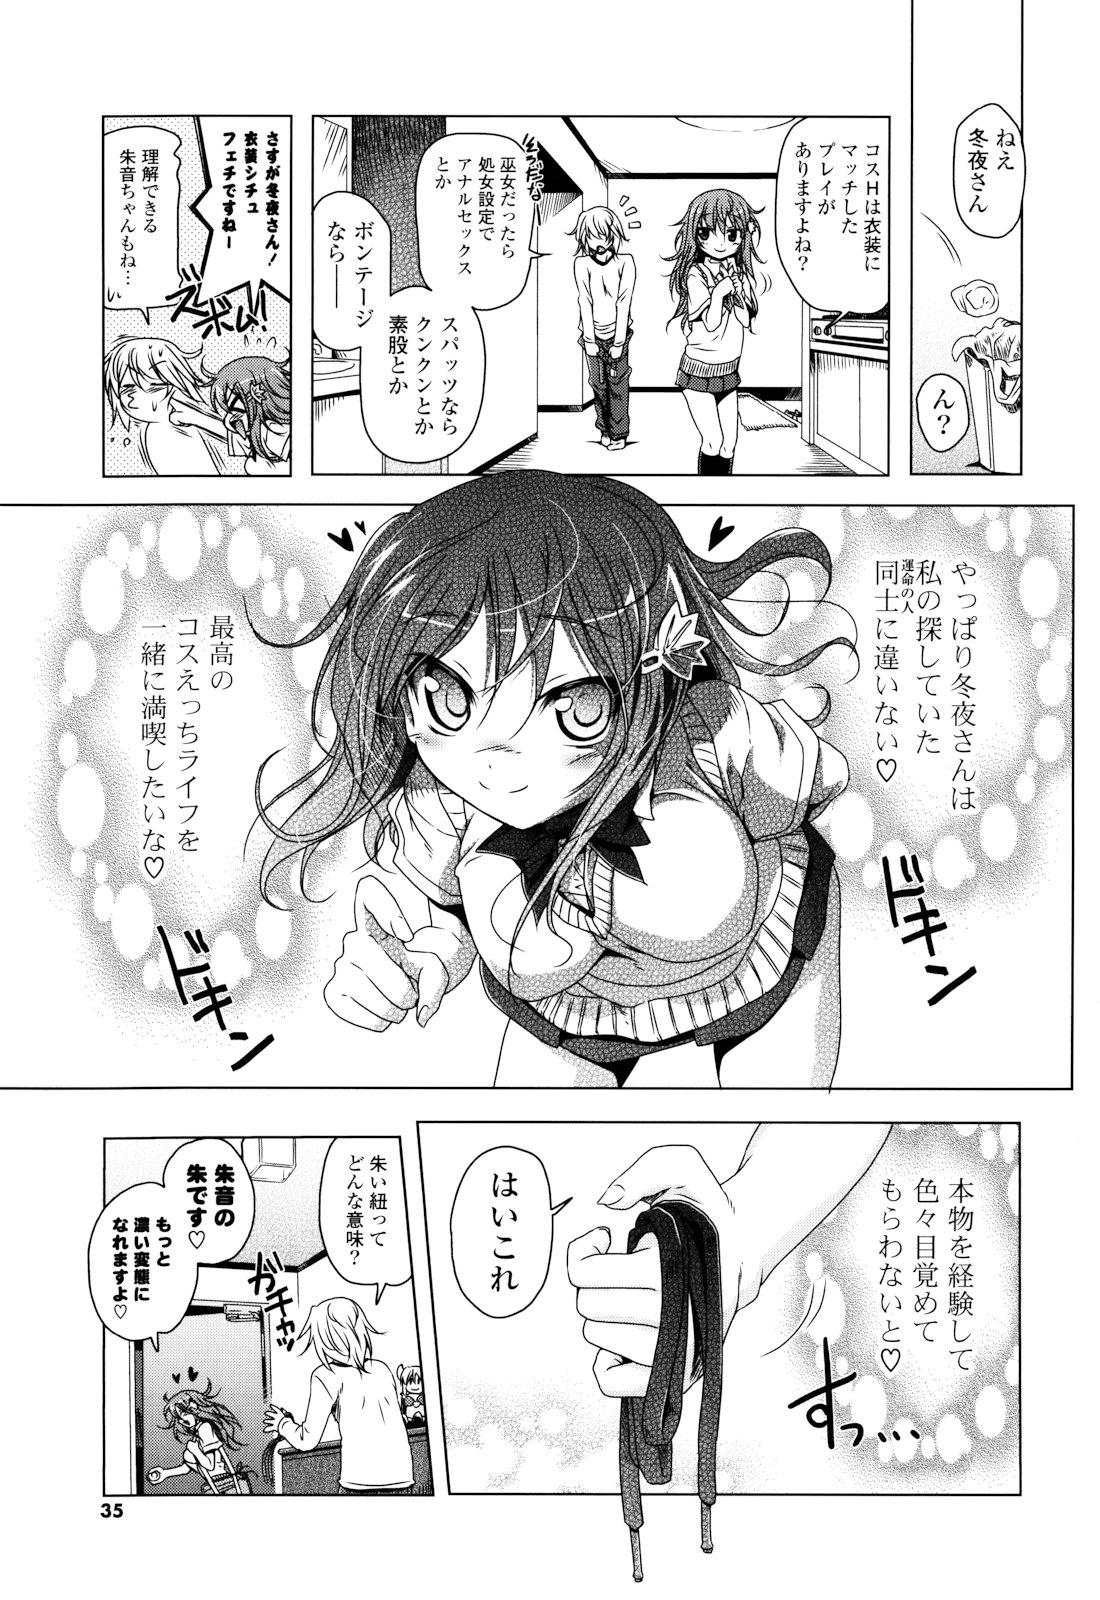 生膣ひゃくぱぁせんと!- Vol.01 Chapter 1 34